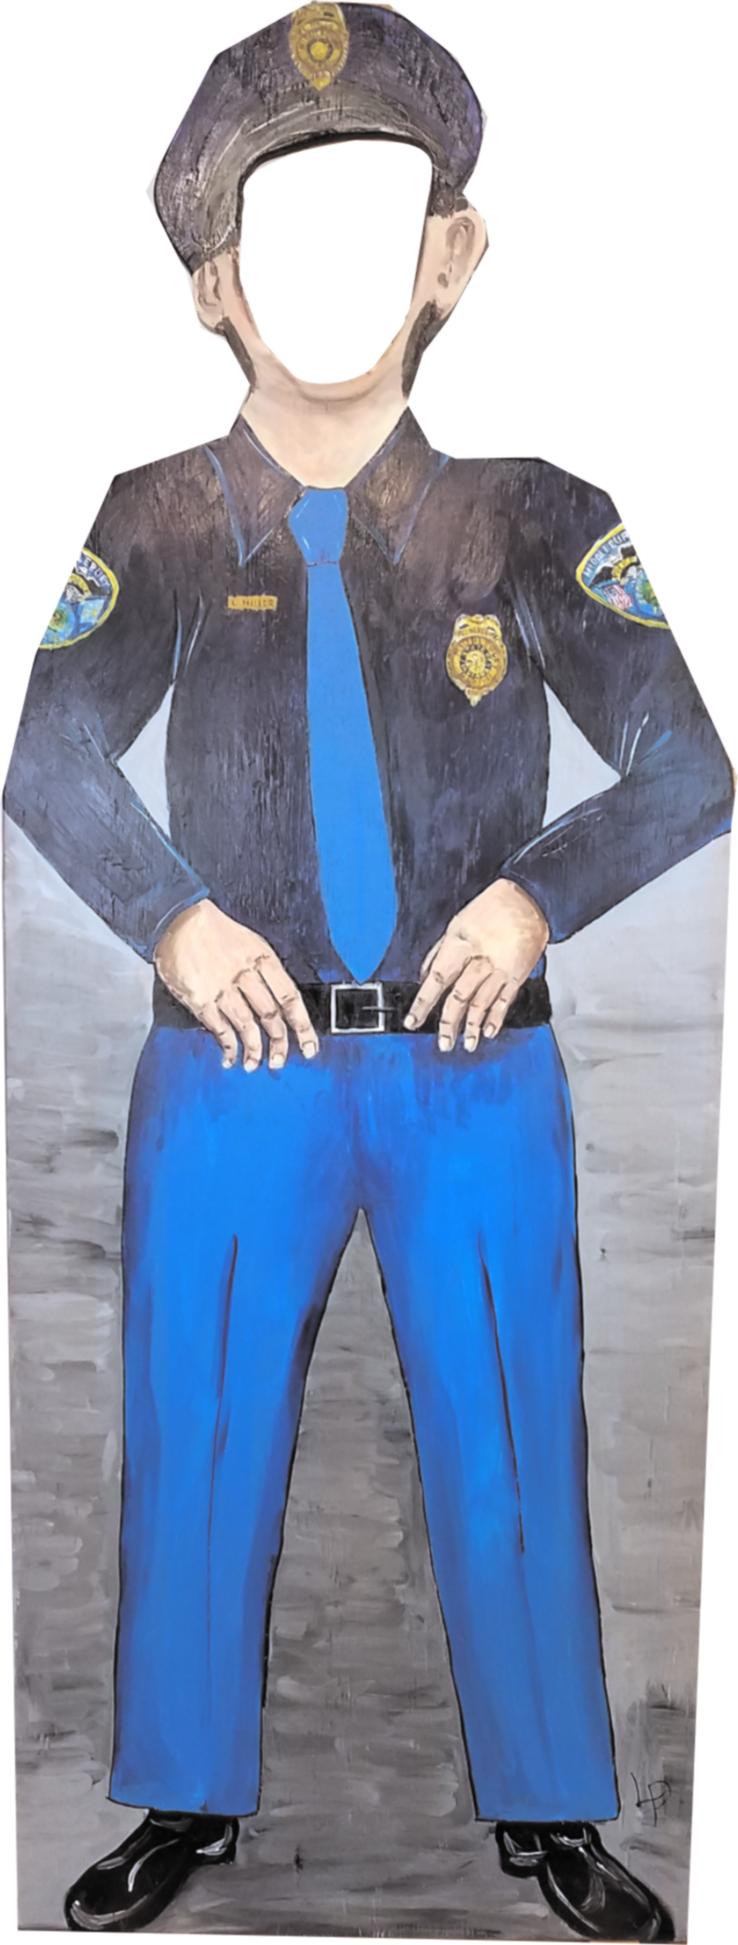 Century 21 Policeman